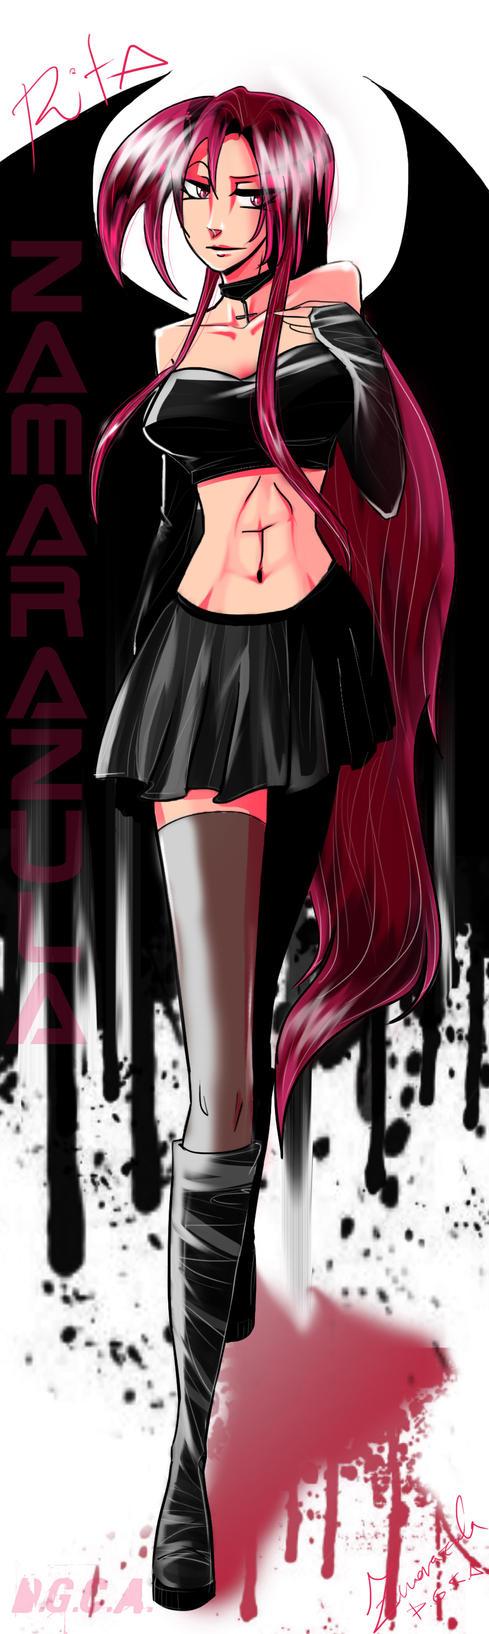 Rita Vampire - Art Trade by Zamarazula